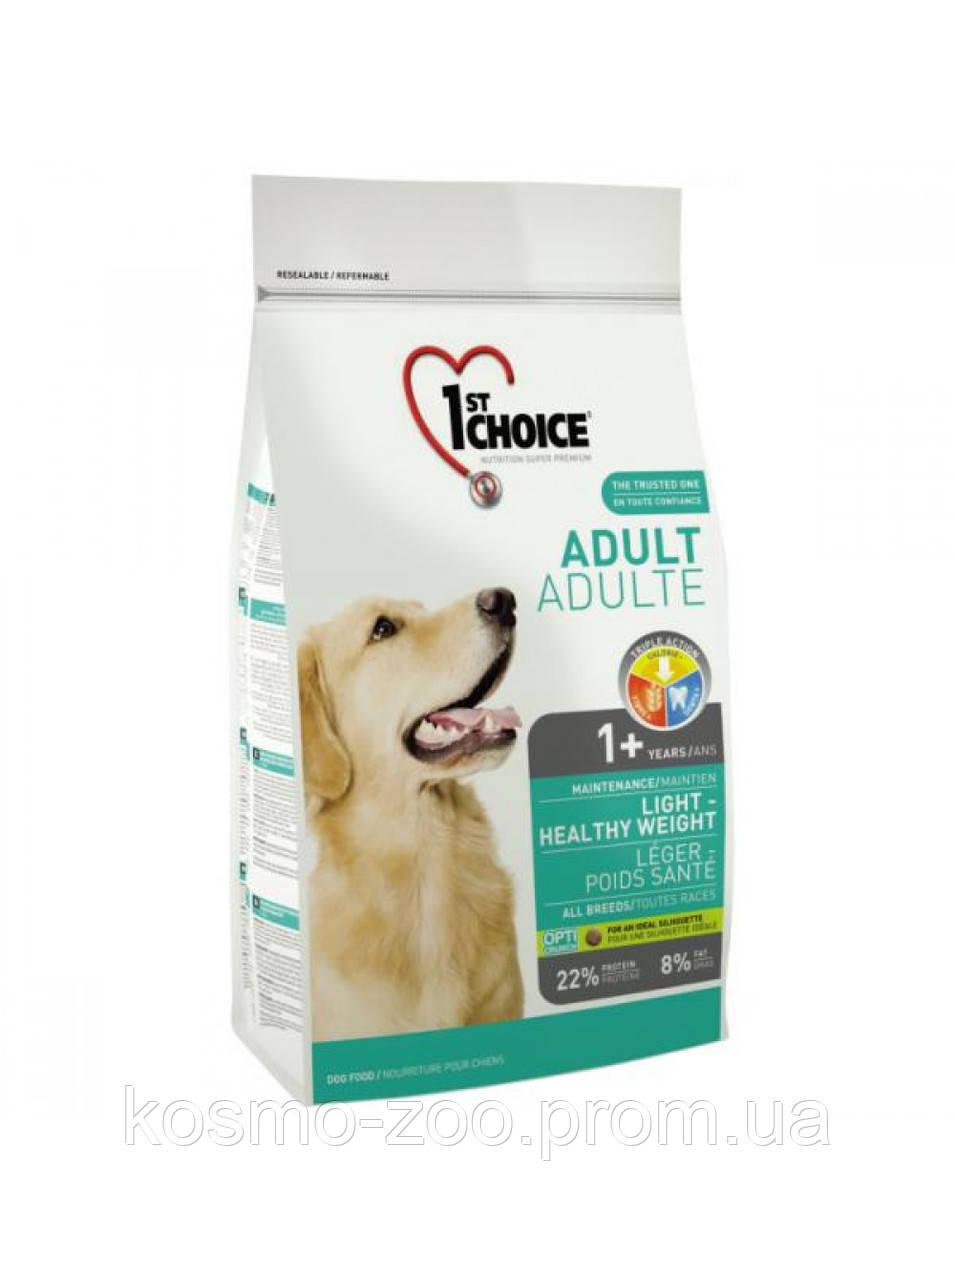 Сухой корм Фест Чойс (1st Choice Light Healthy Weight) малокалорийный для собак с избыточным весом, 12 кг